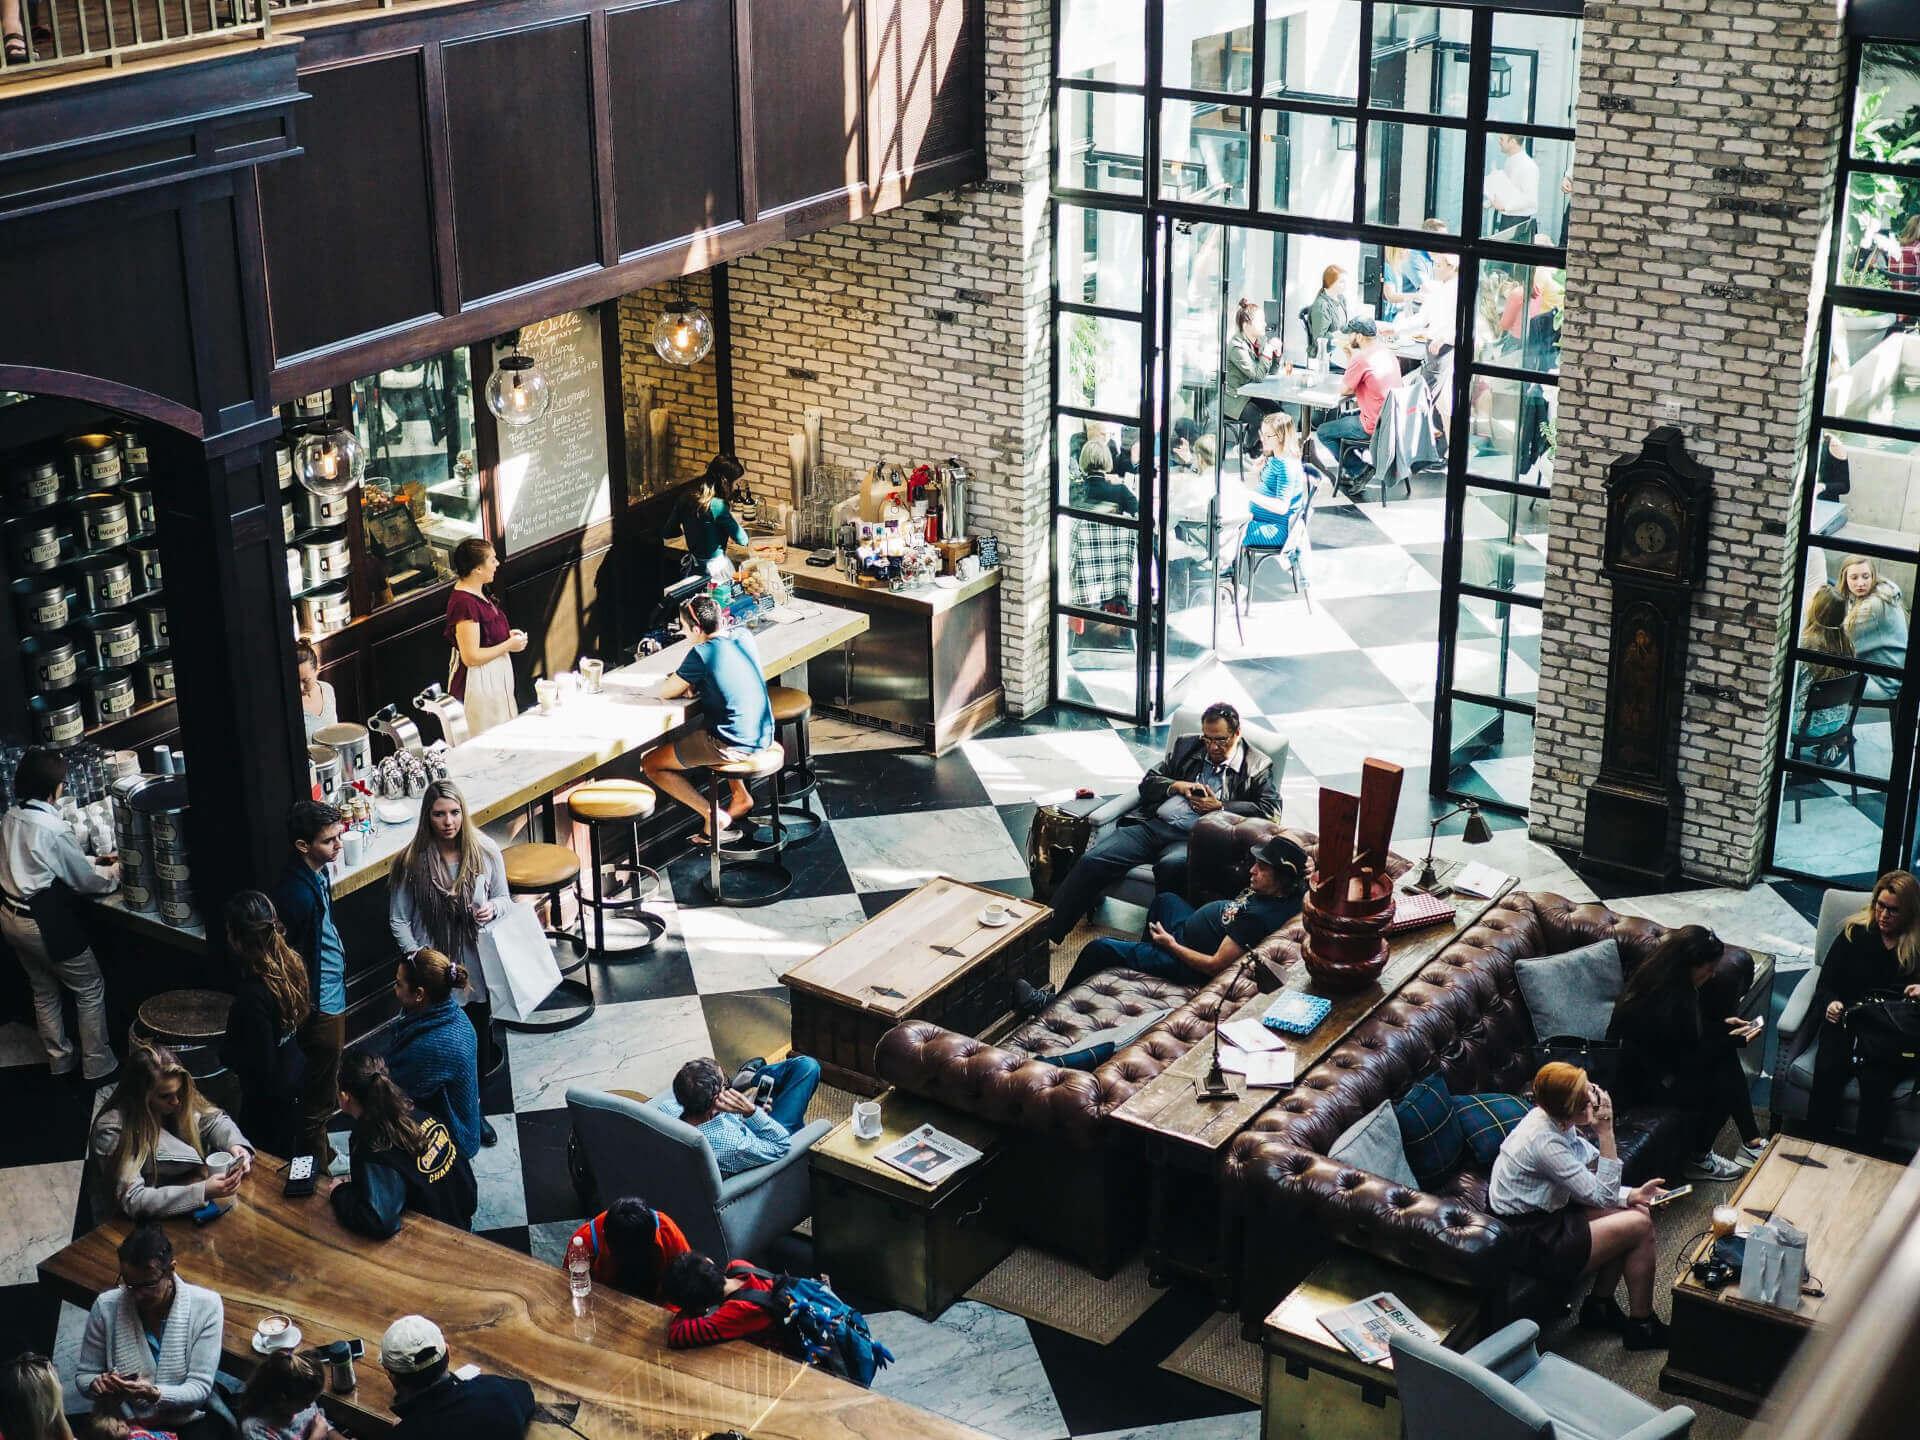 To przestrzenie wspólne tworzą akademiki. Przyciągające studentów, prowokują interakcje międzyludzkie i kształtują lokalne wspólnoty